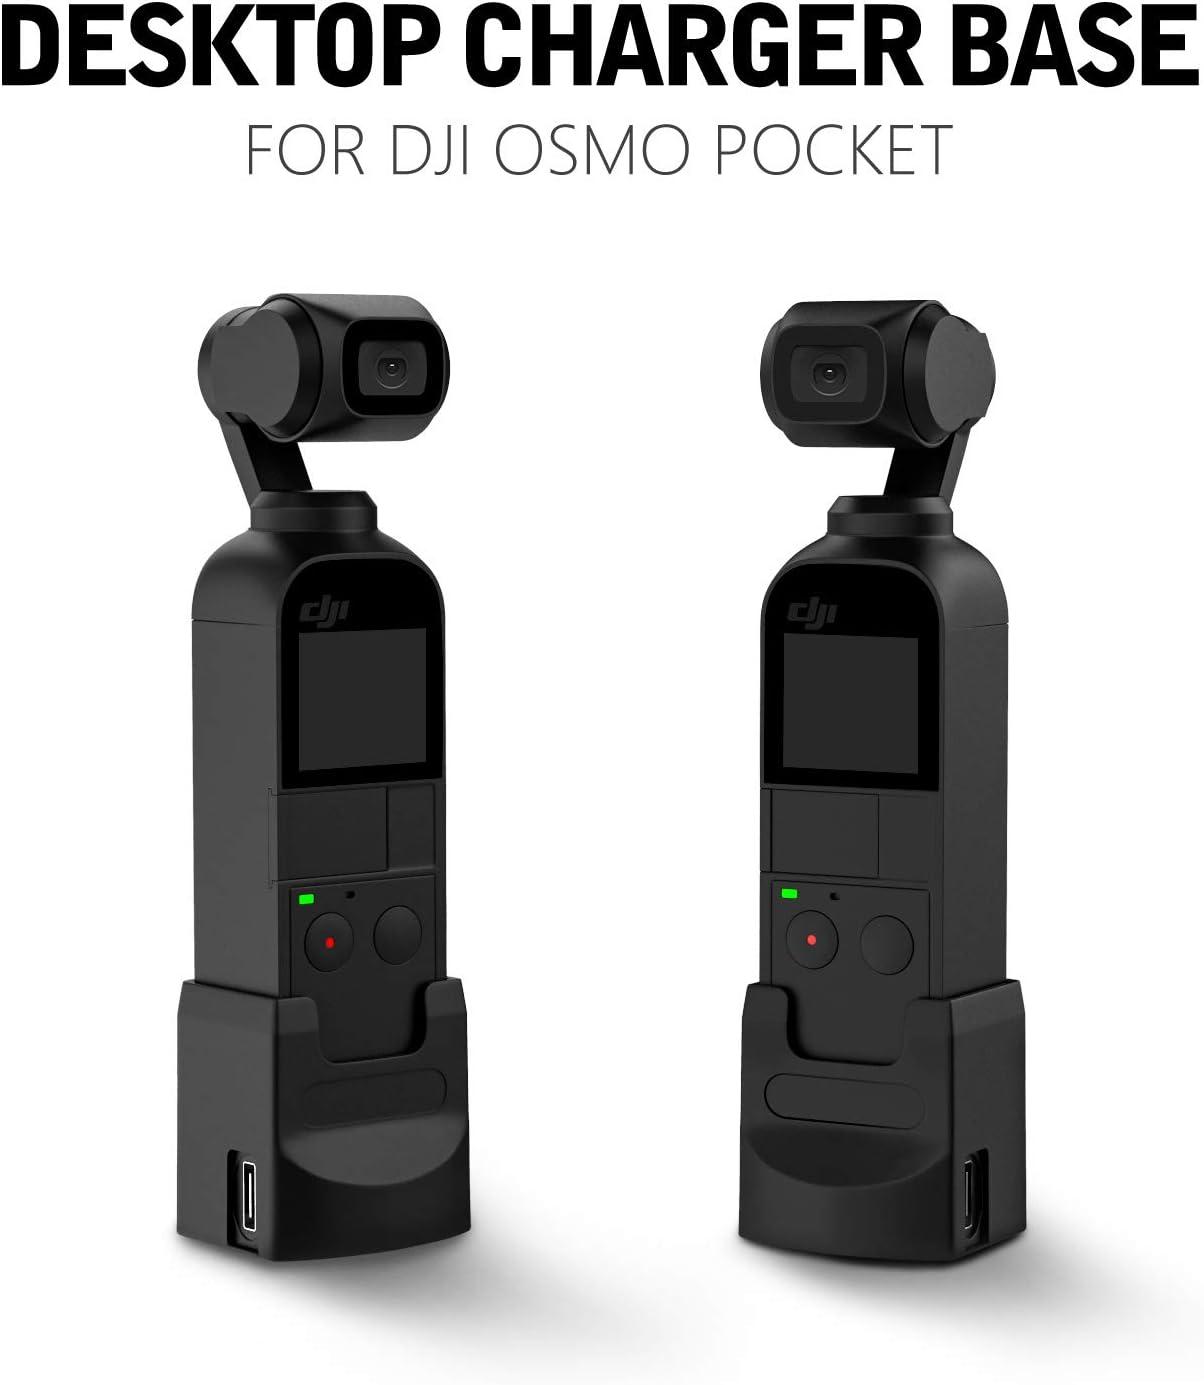 MoKo Base de Cargador para dji OSMO Pocket Negro 2 Type-C Puertos de Escritorio Cargador con Rosca de Tr/ípode de 1//4 Compatible con dji OSMO Pocket